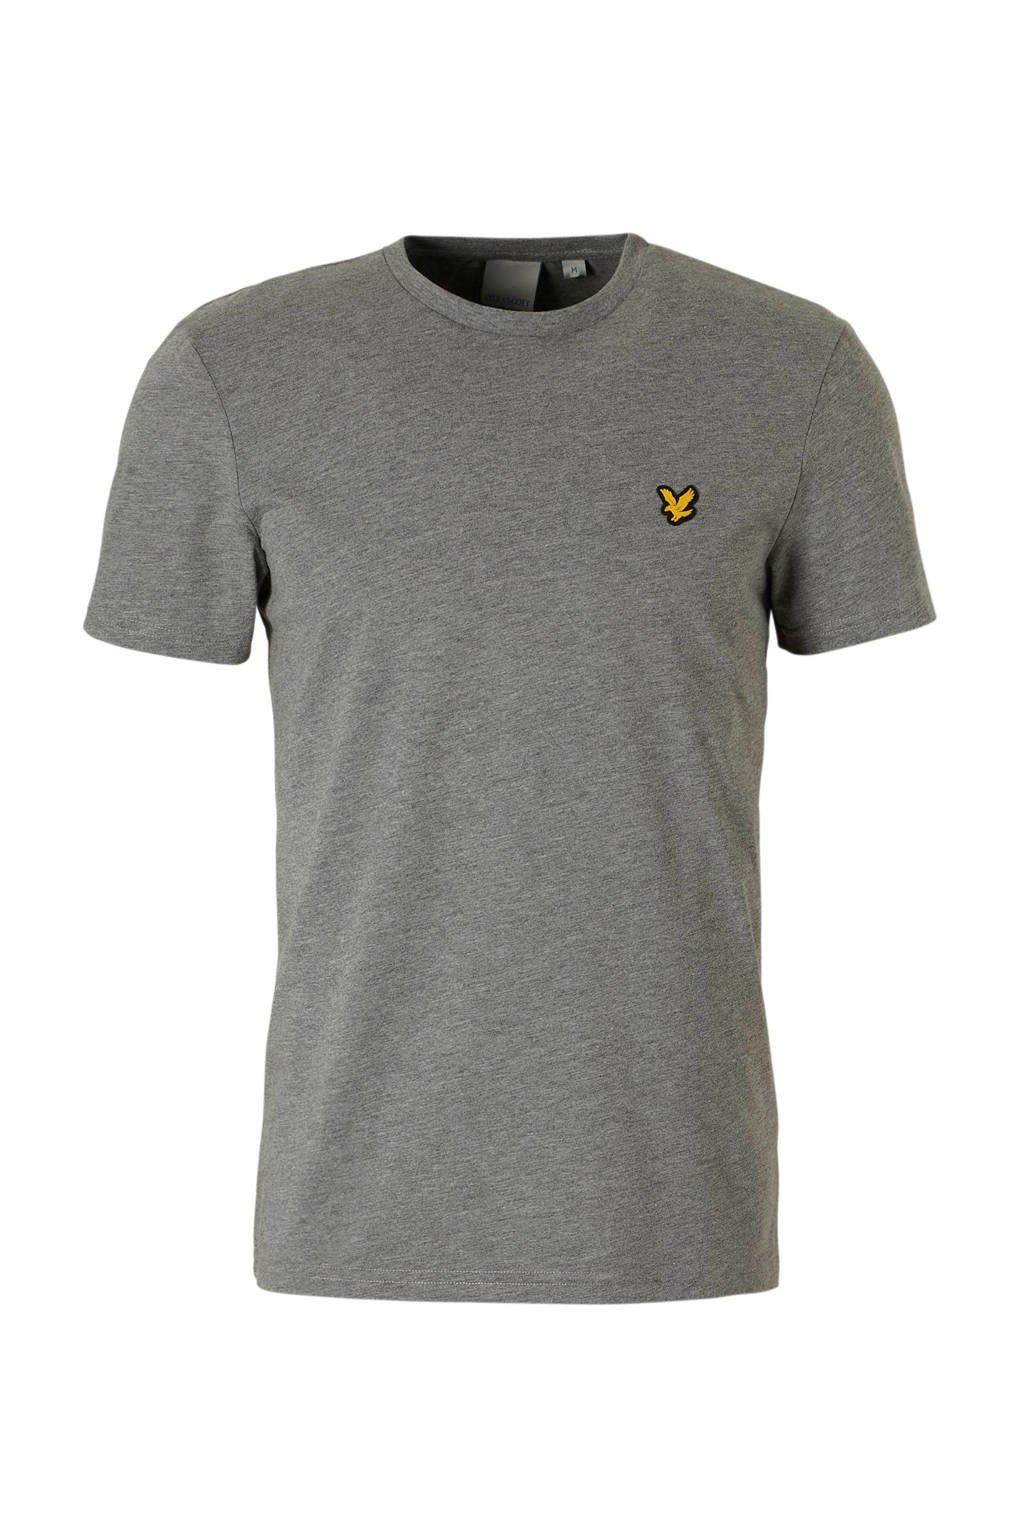 Lyle & Scott sport T-shirt grijs, Grijs